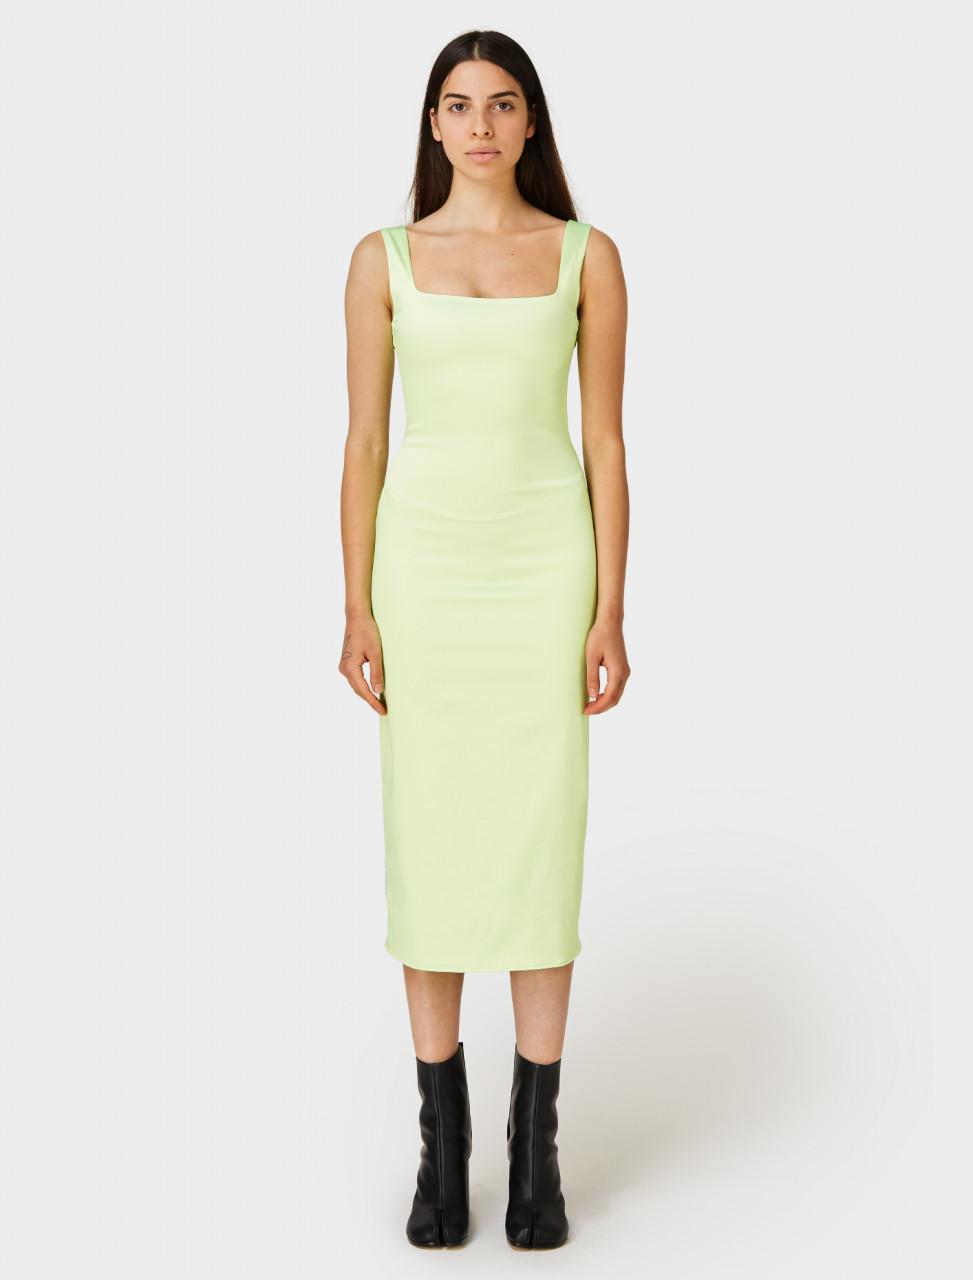 PRISCAvera Fitted Midi Dress in Neon Mint